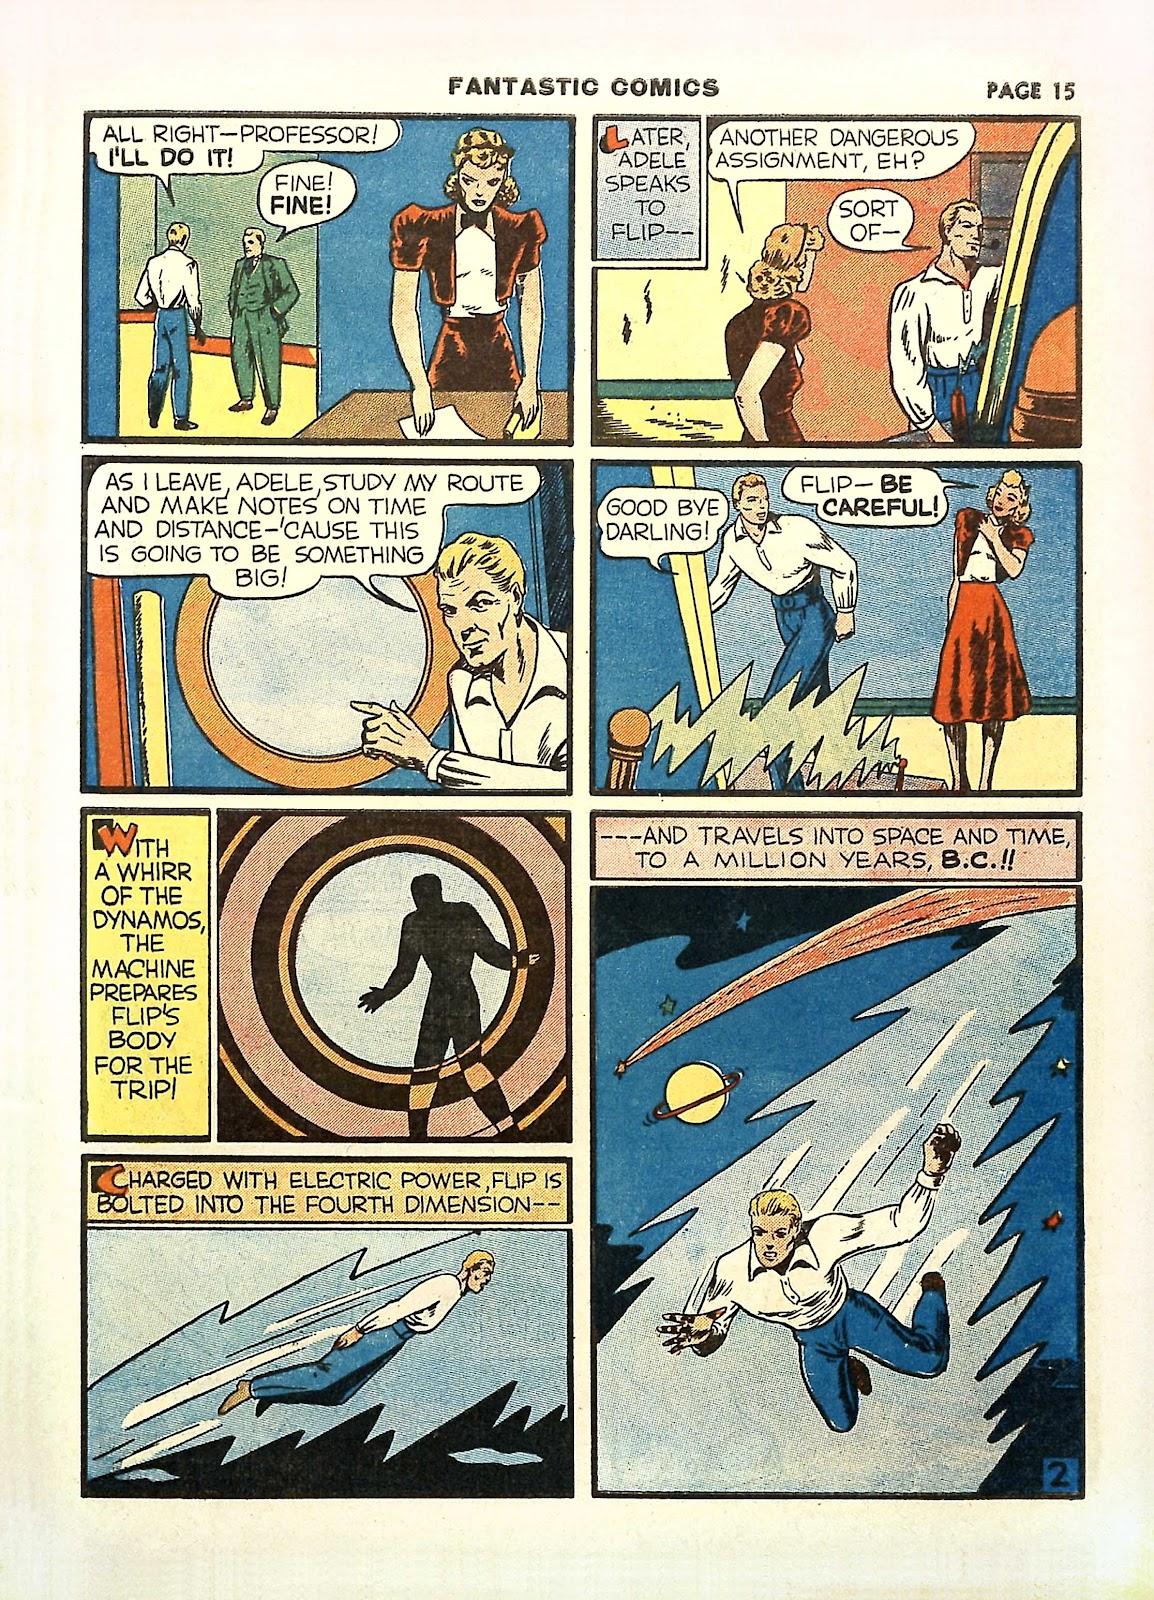 Read online Fantastic Comics comic -  Issue #11 - 18